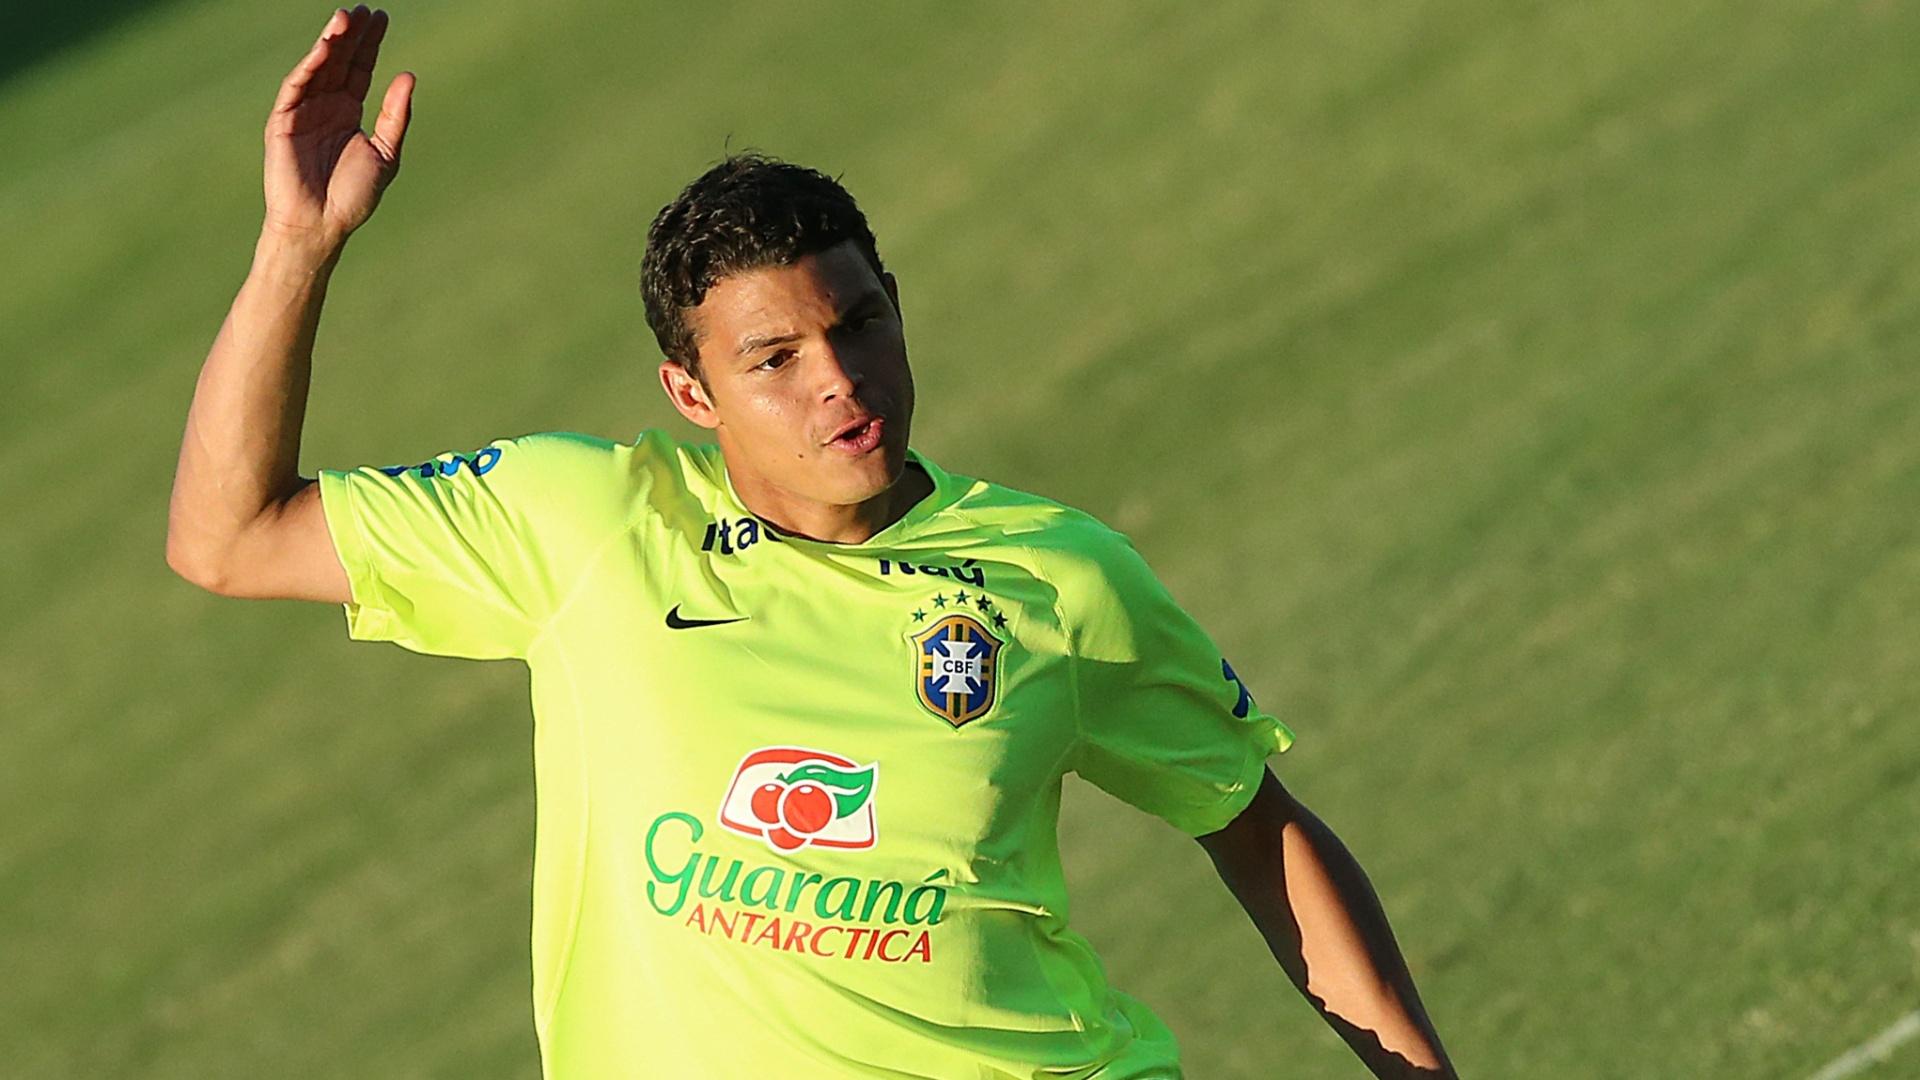 Depois de participar da entrevista coletiva, capitão Thiago Silva treina no gramado do estádio Presidente Vargas, em Fortaleza